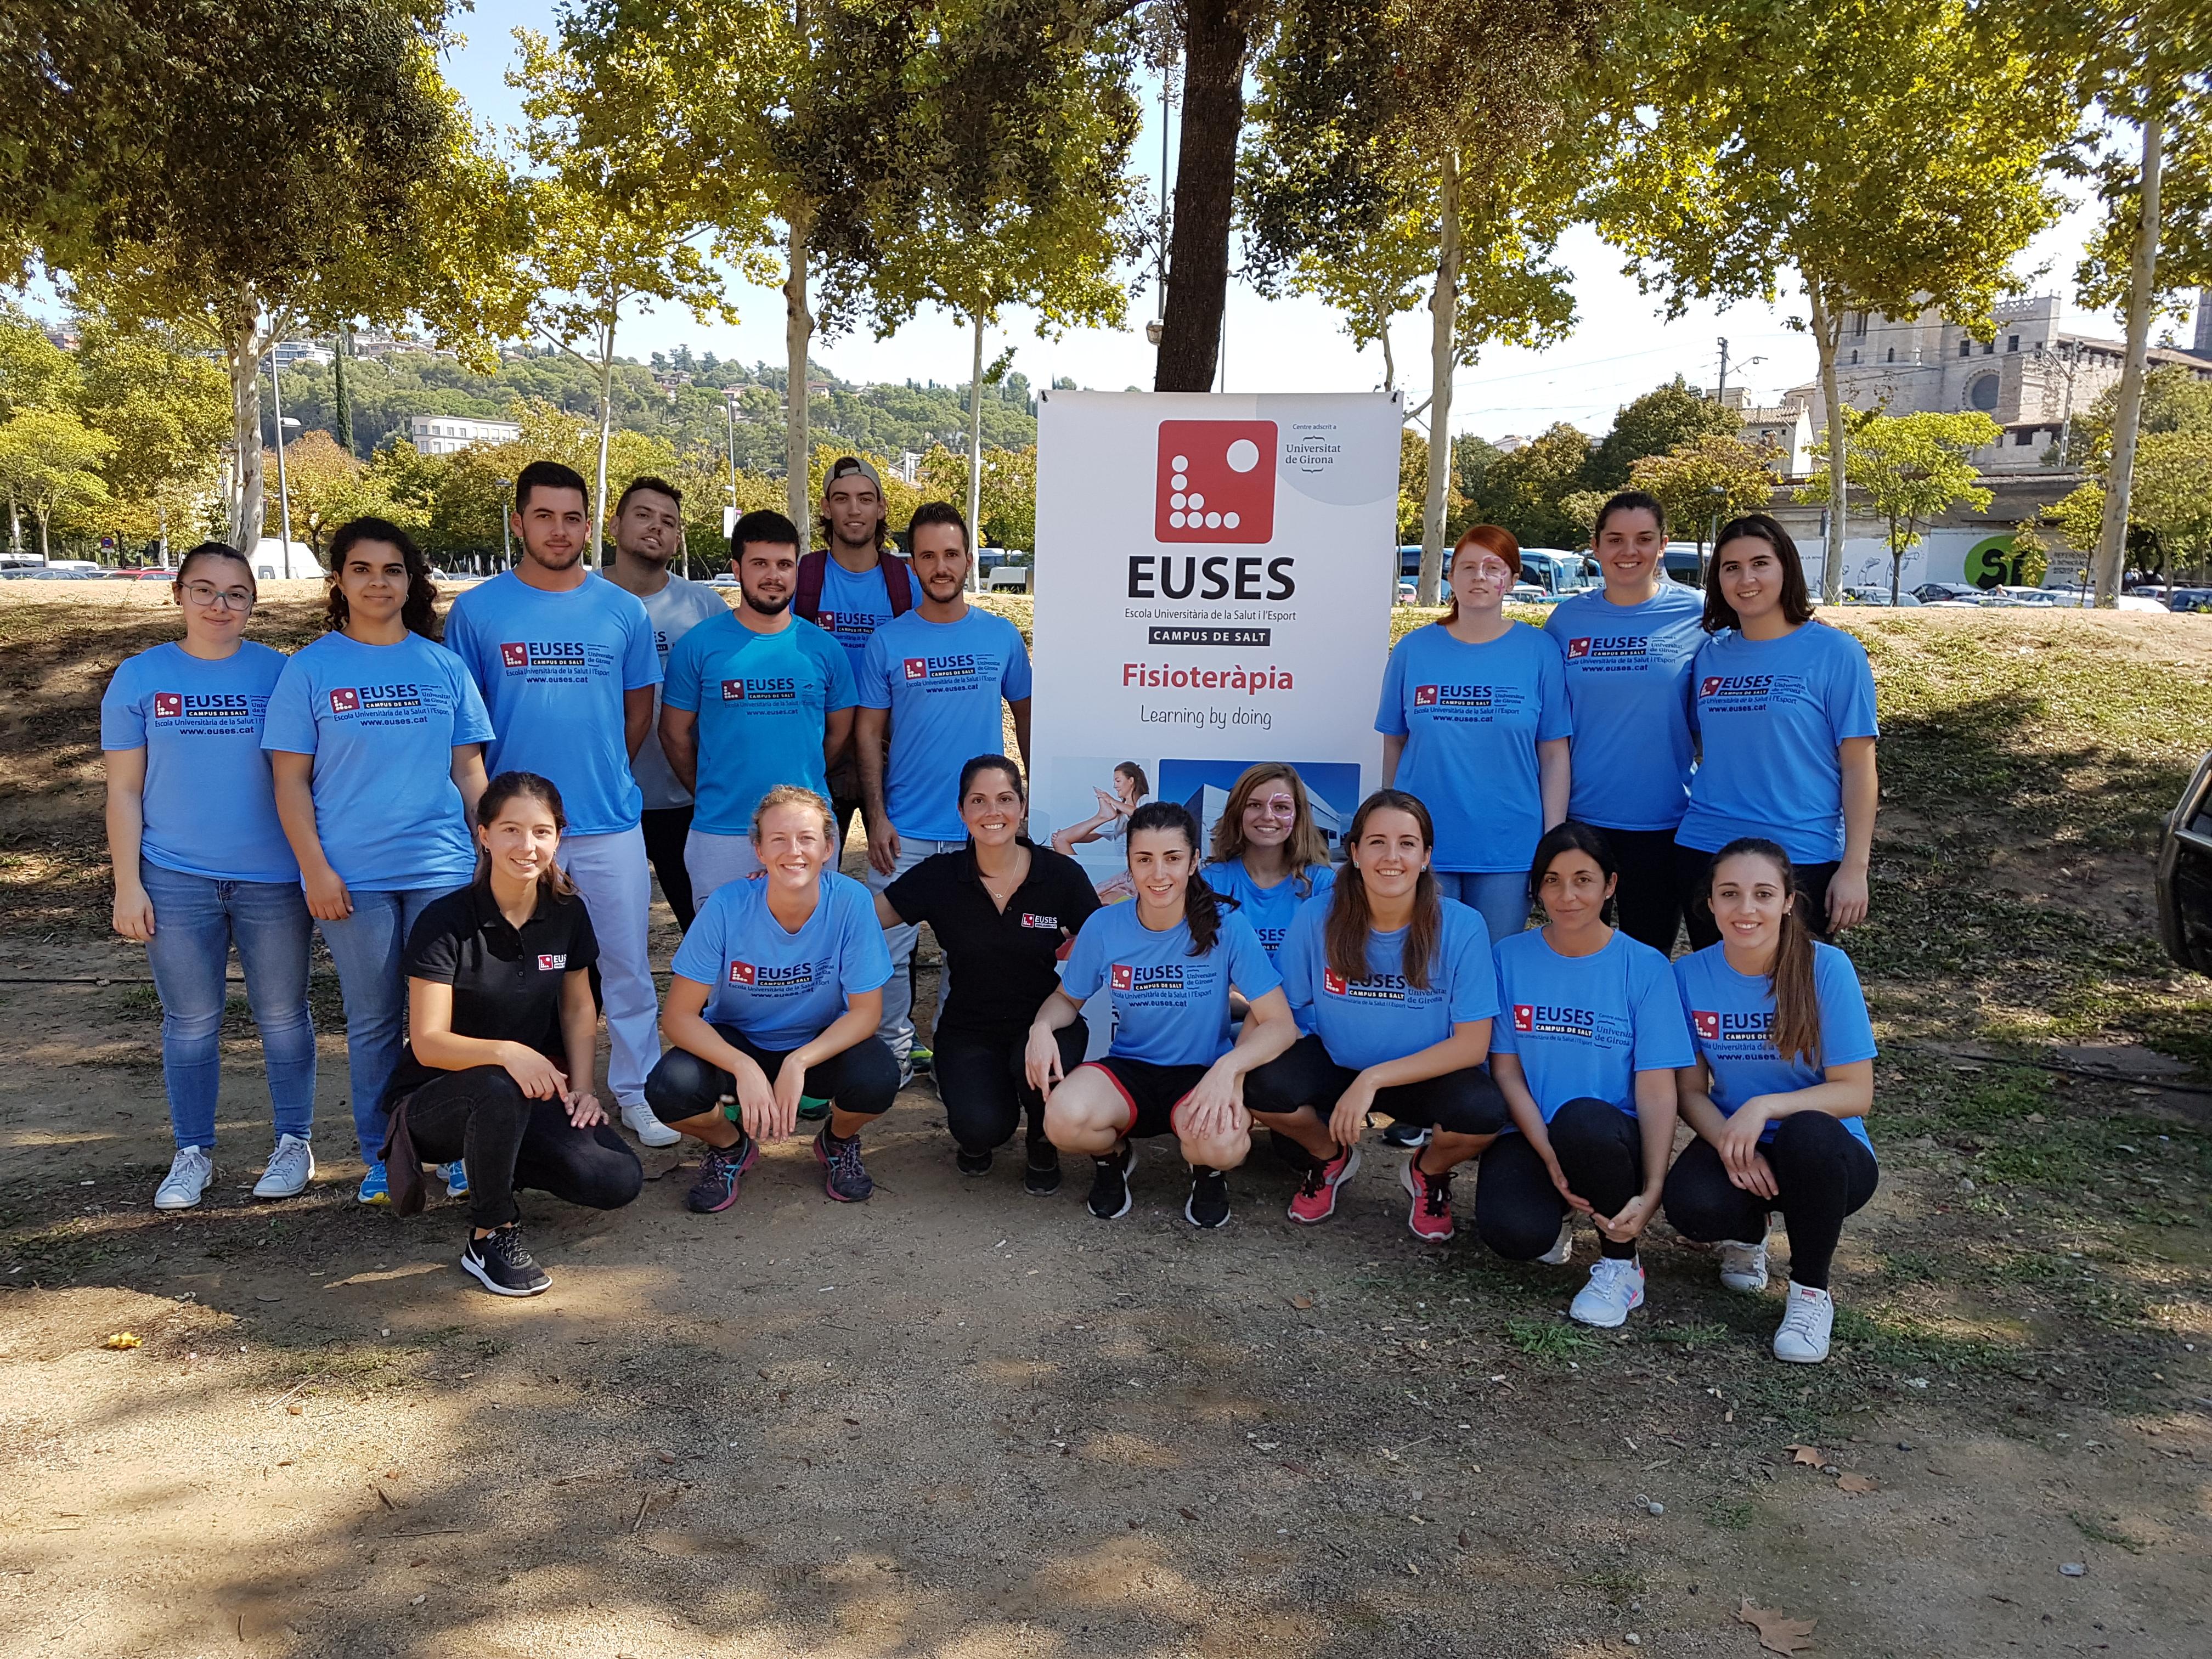 L'Escola Universitària de la Salut i l'Esport s'aboca amb una vintena de voluntaris en la Cursa de la Dona de Girona, que aplega més de 6.500 participants